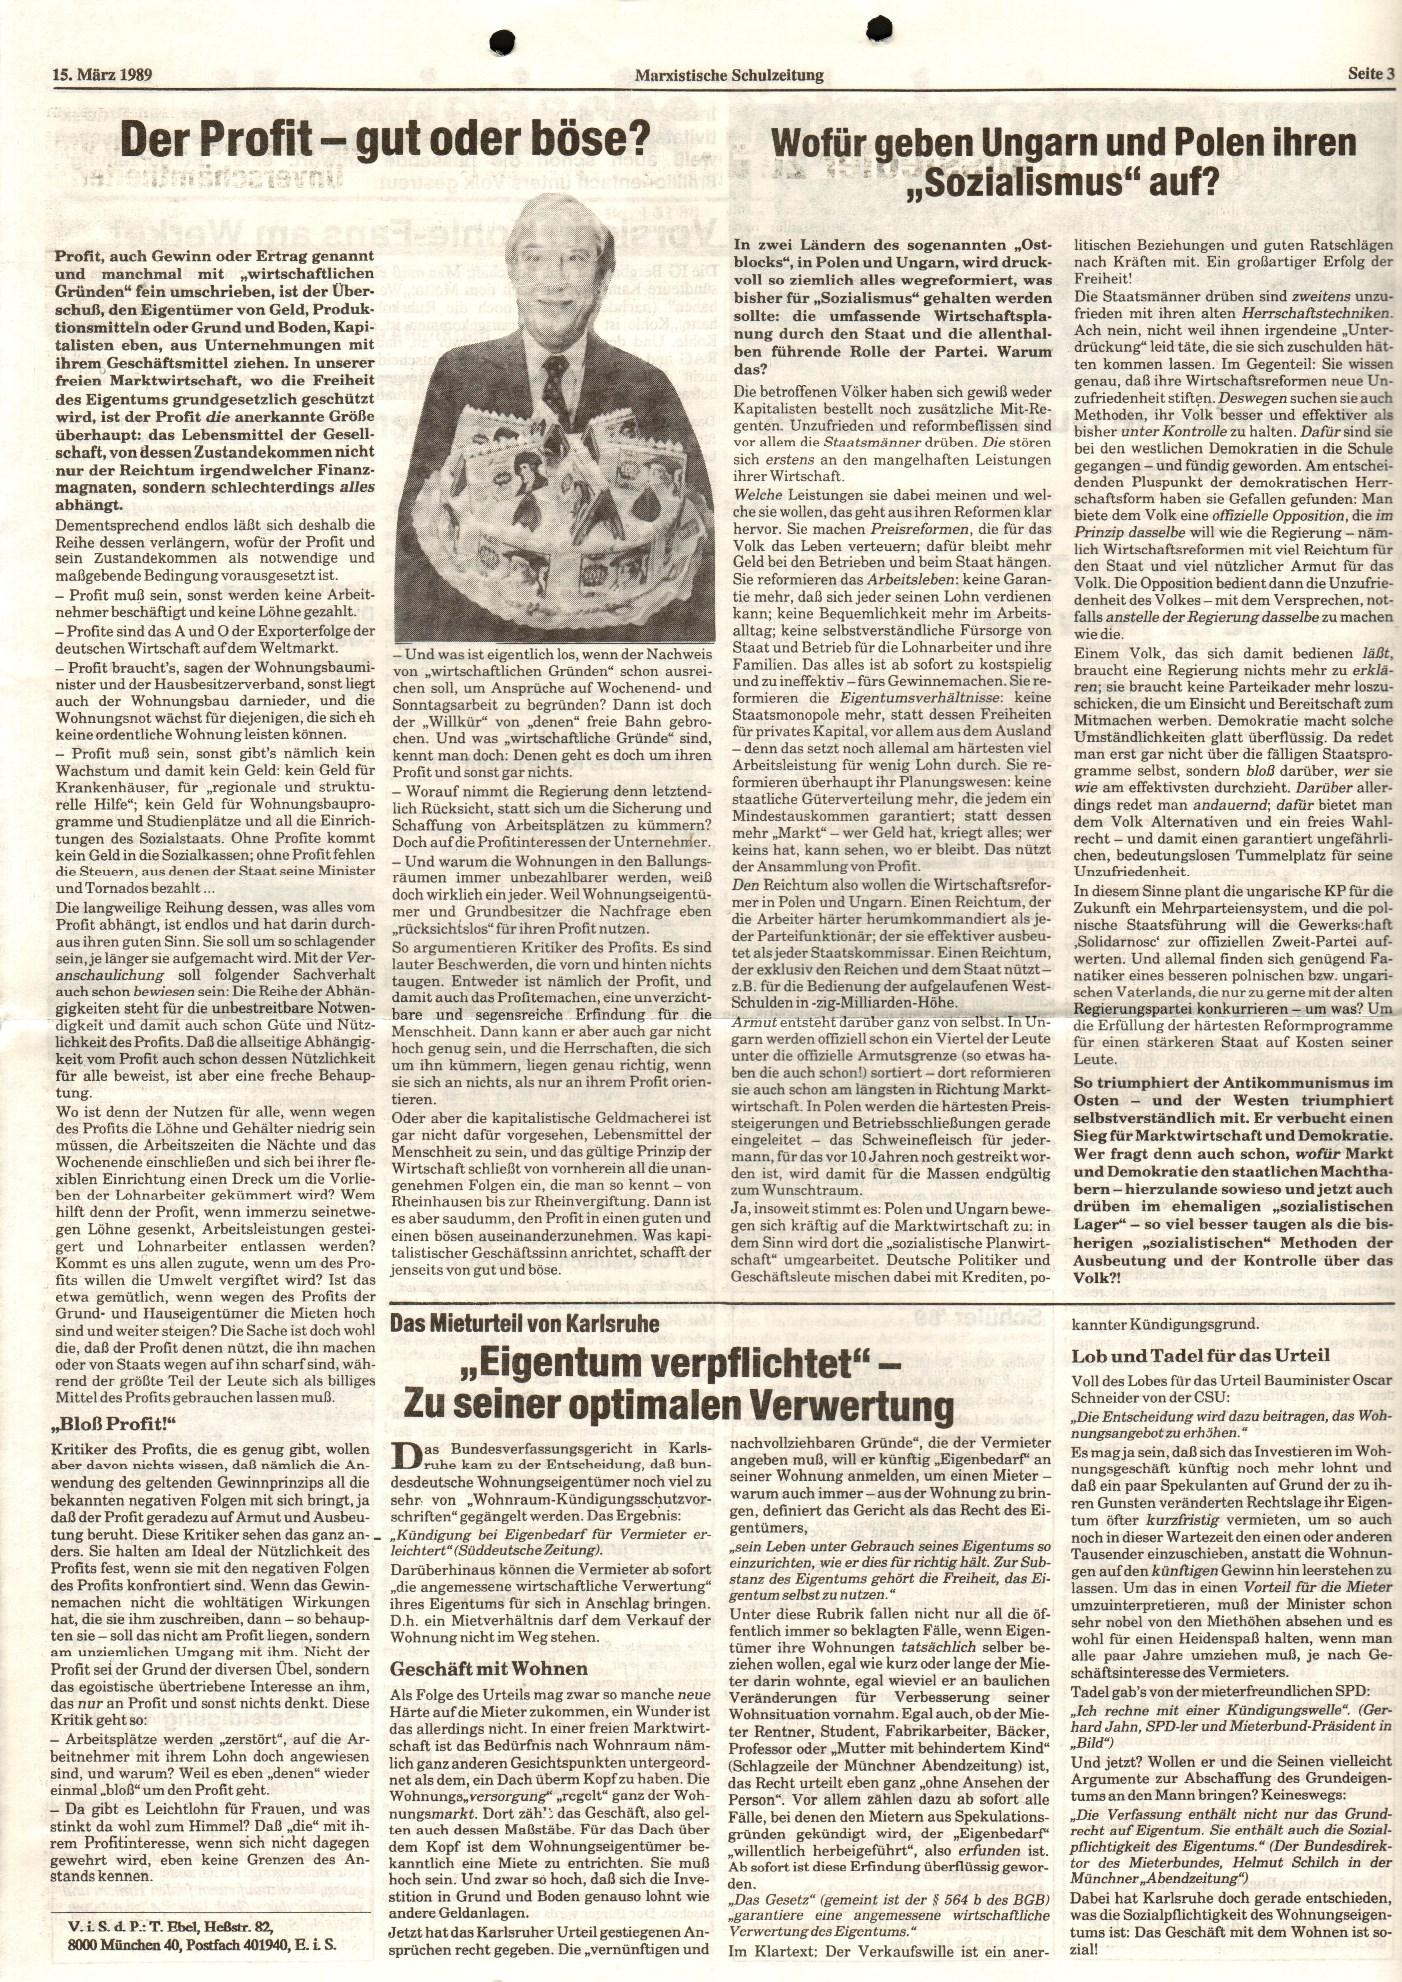 Ruhrgebiet_MG_Marxistische_Schulzeitung_19890315_03